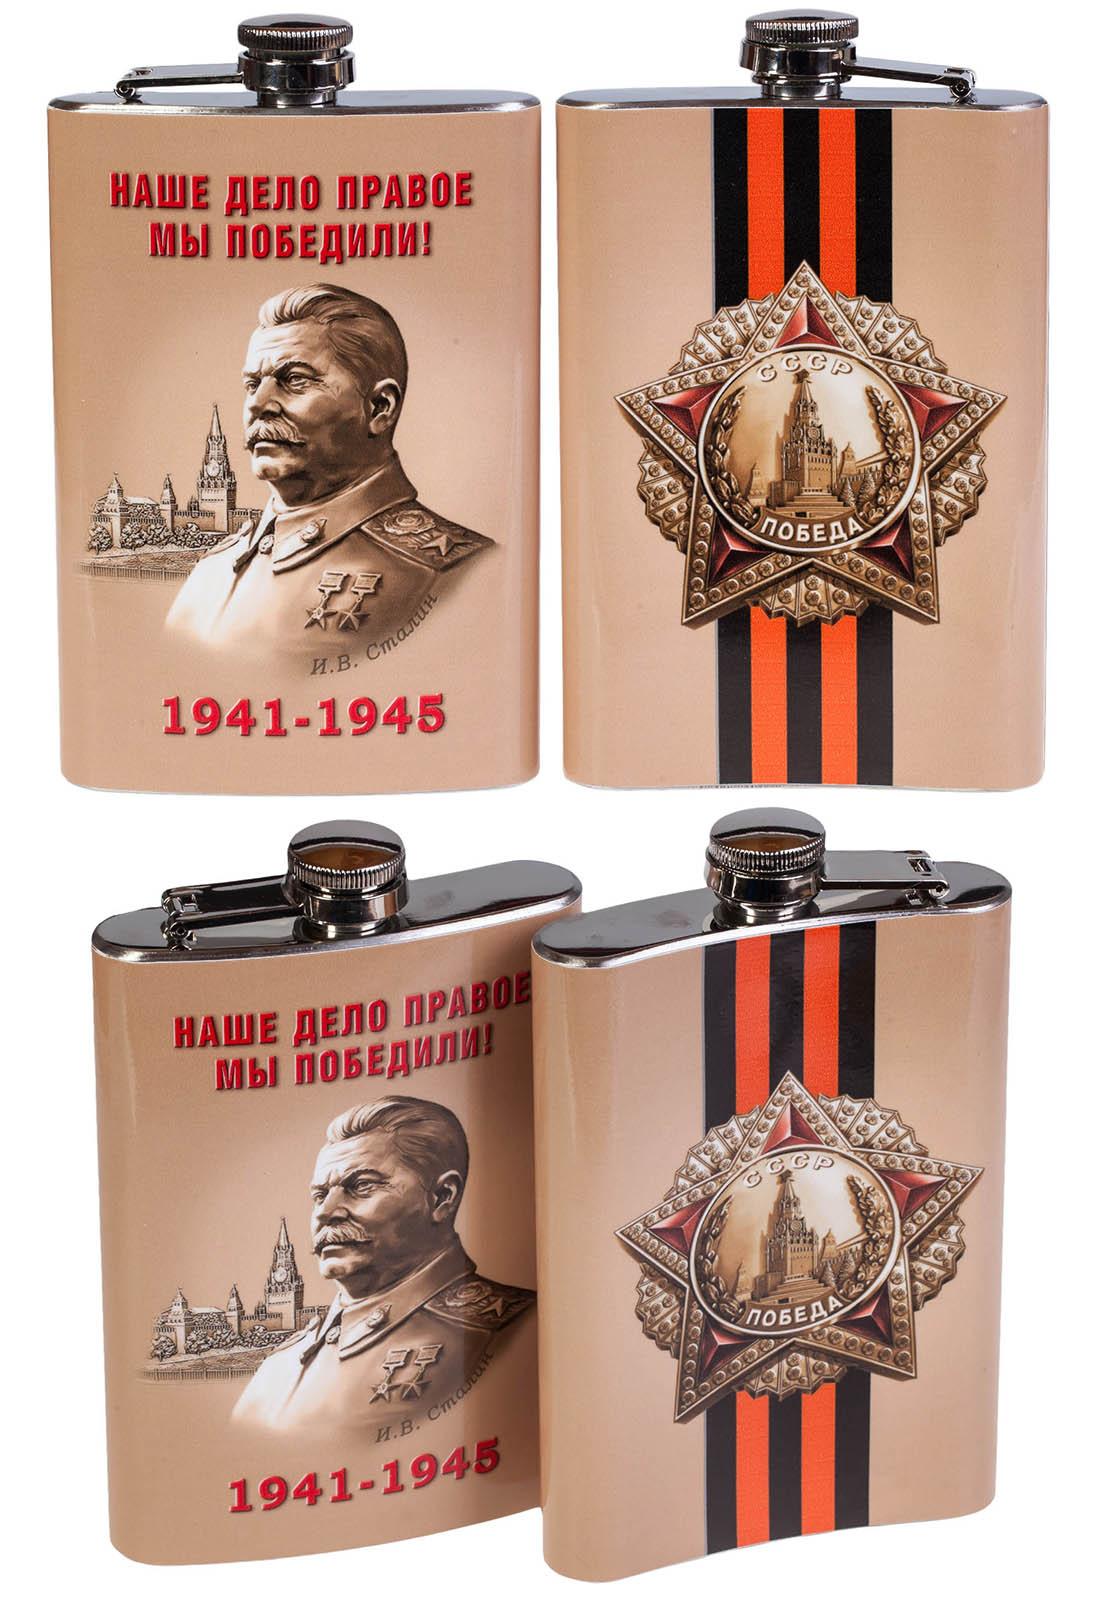 Фляжка «Сталин - Наше дело правое!» к юбилею Победы с доставкой